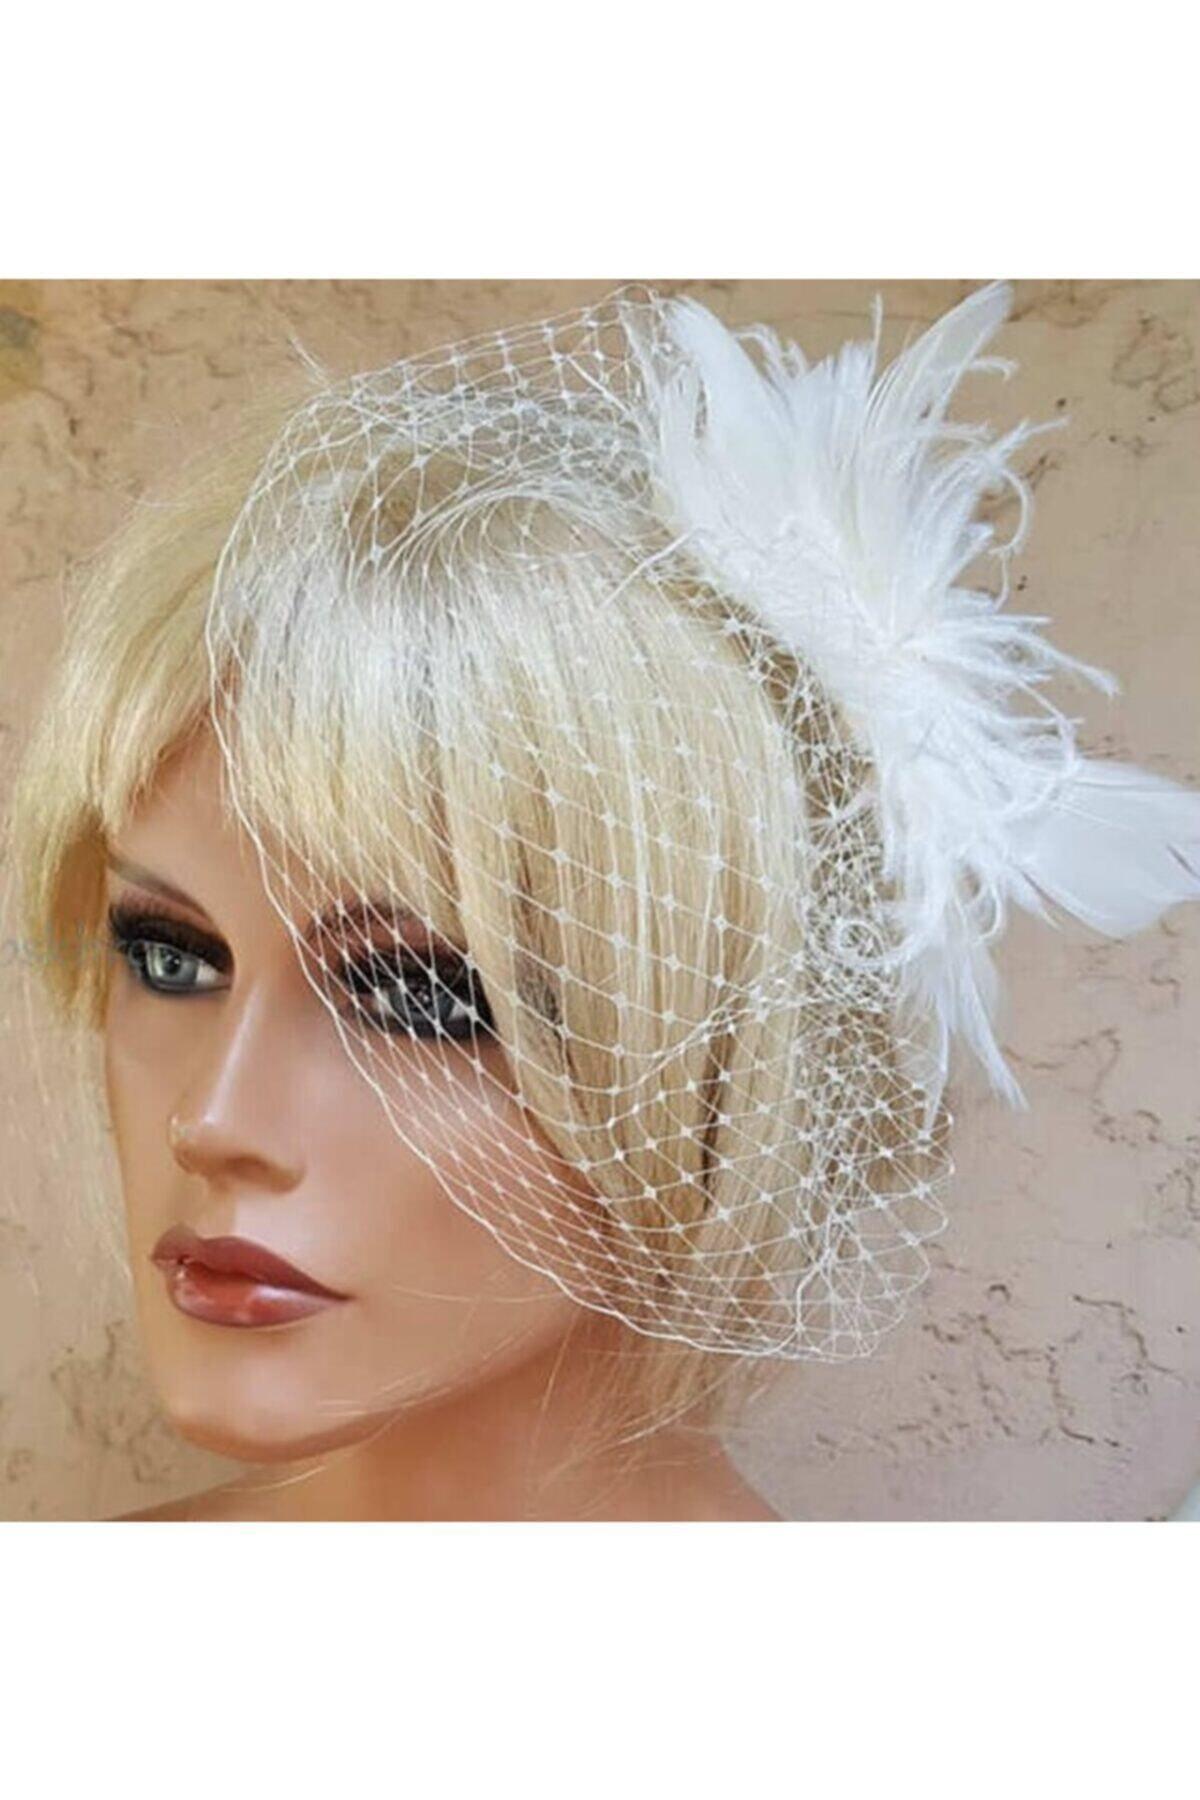 الريش الزفاف Vualet الزفاف قبعة الزفاف Kepi تصميم مخصص رخيصة عالية الجودة اكسسوارات الزفاف أنيقة تصميم عصري